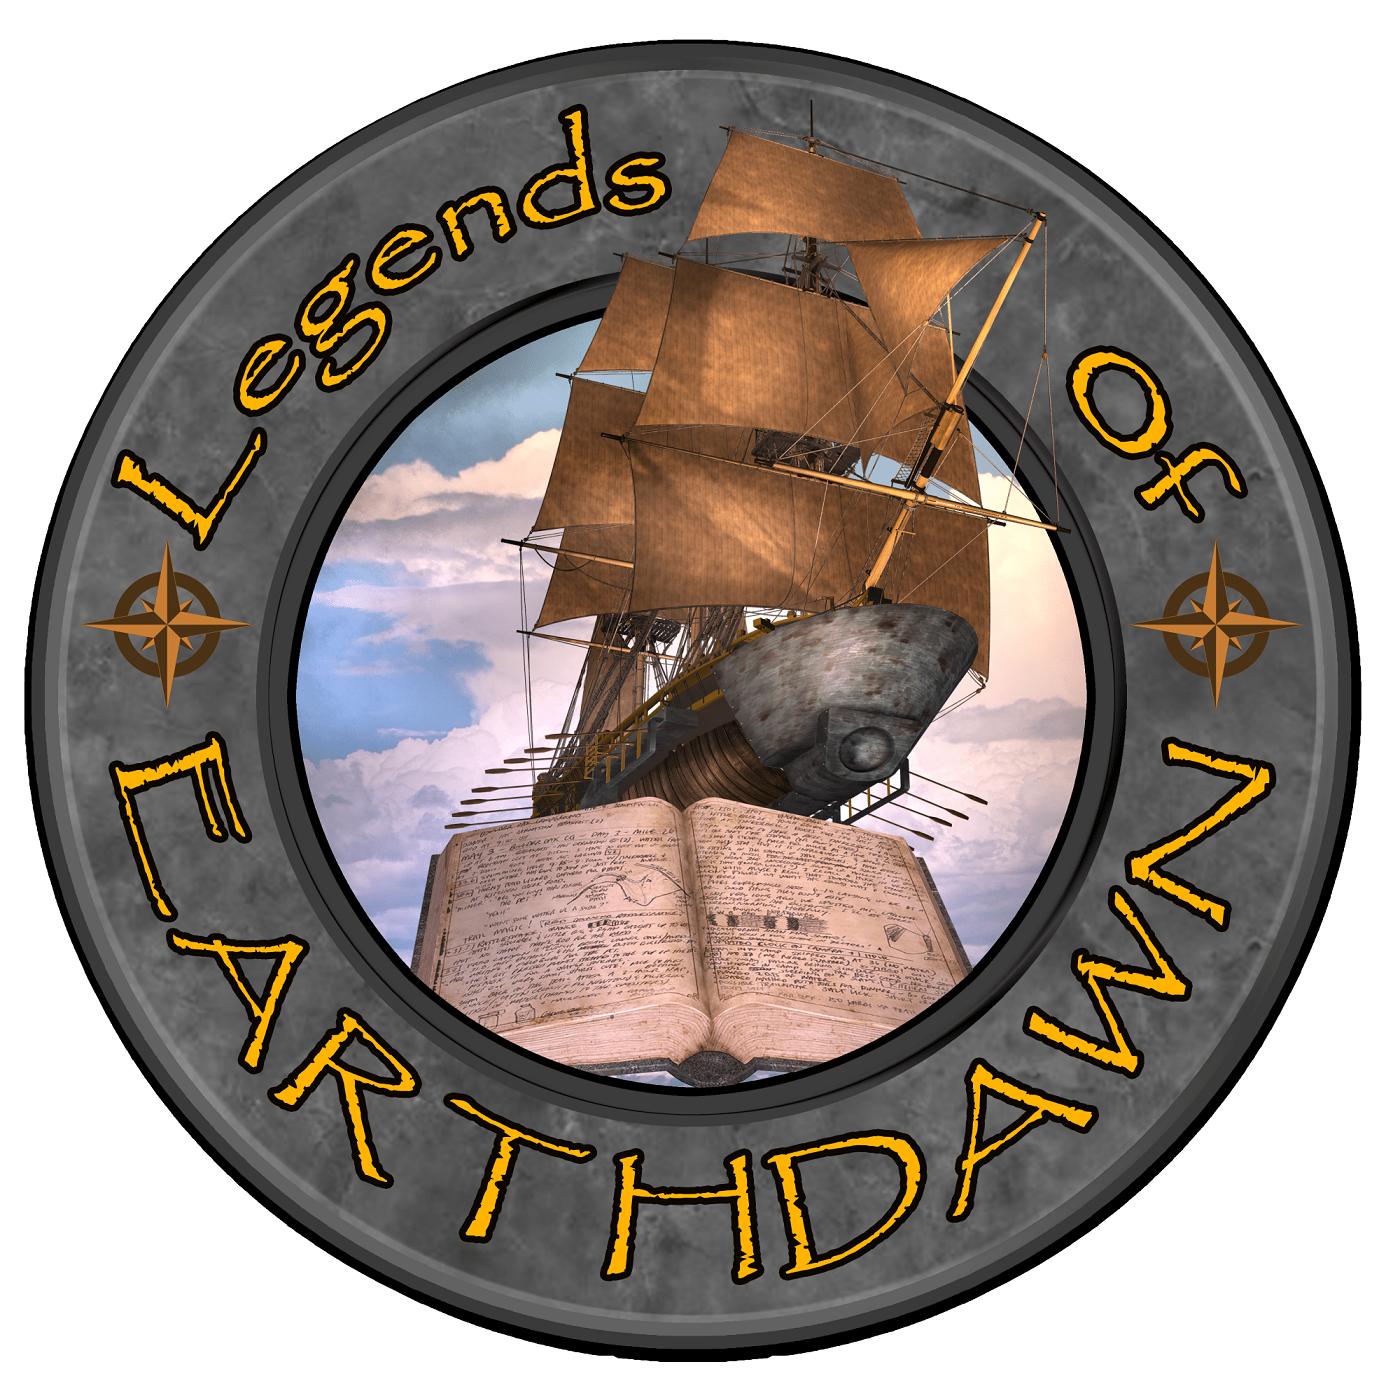 Legends of Earthdawn show art